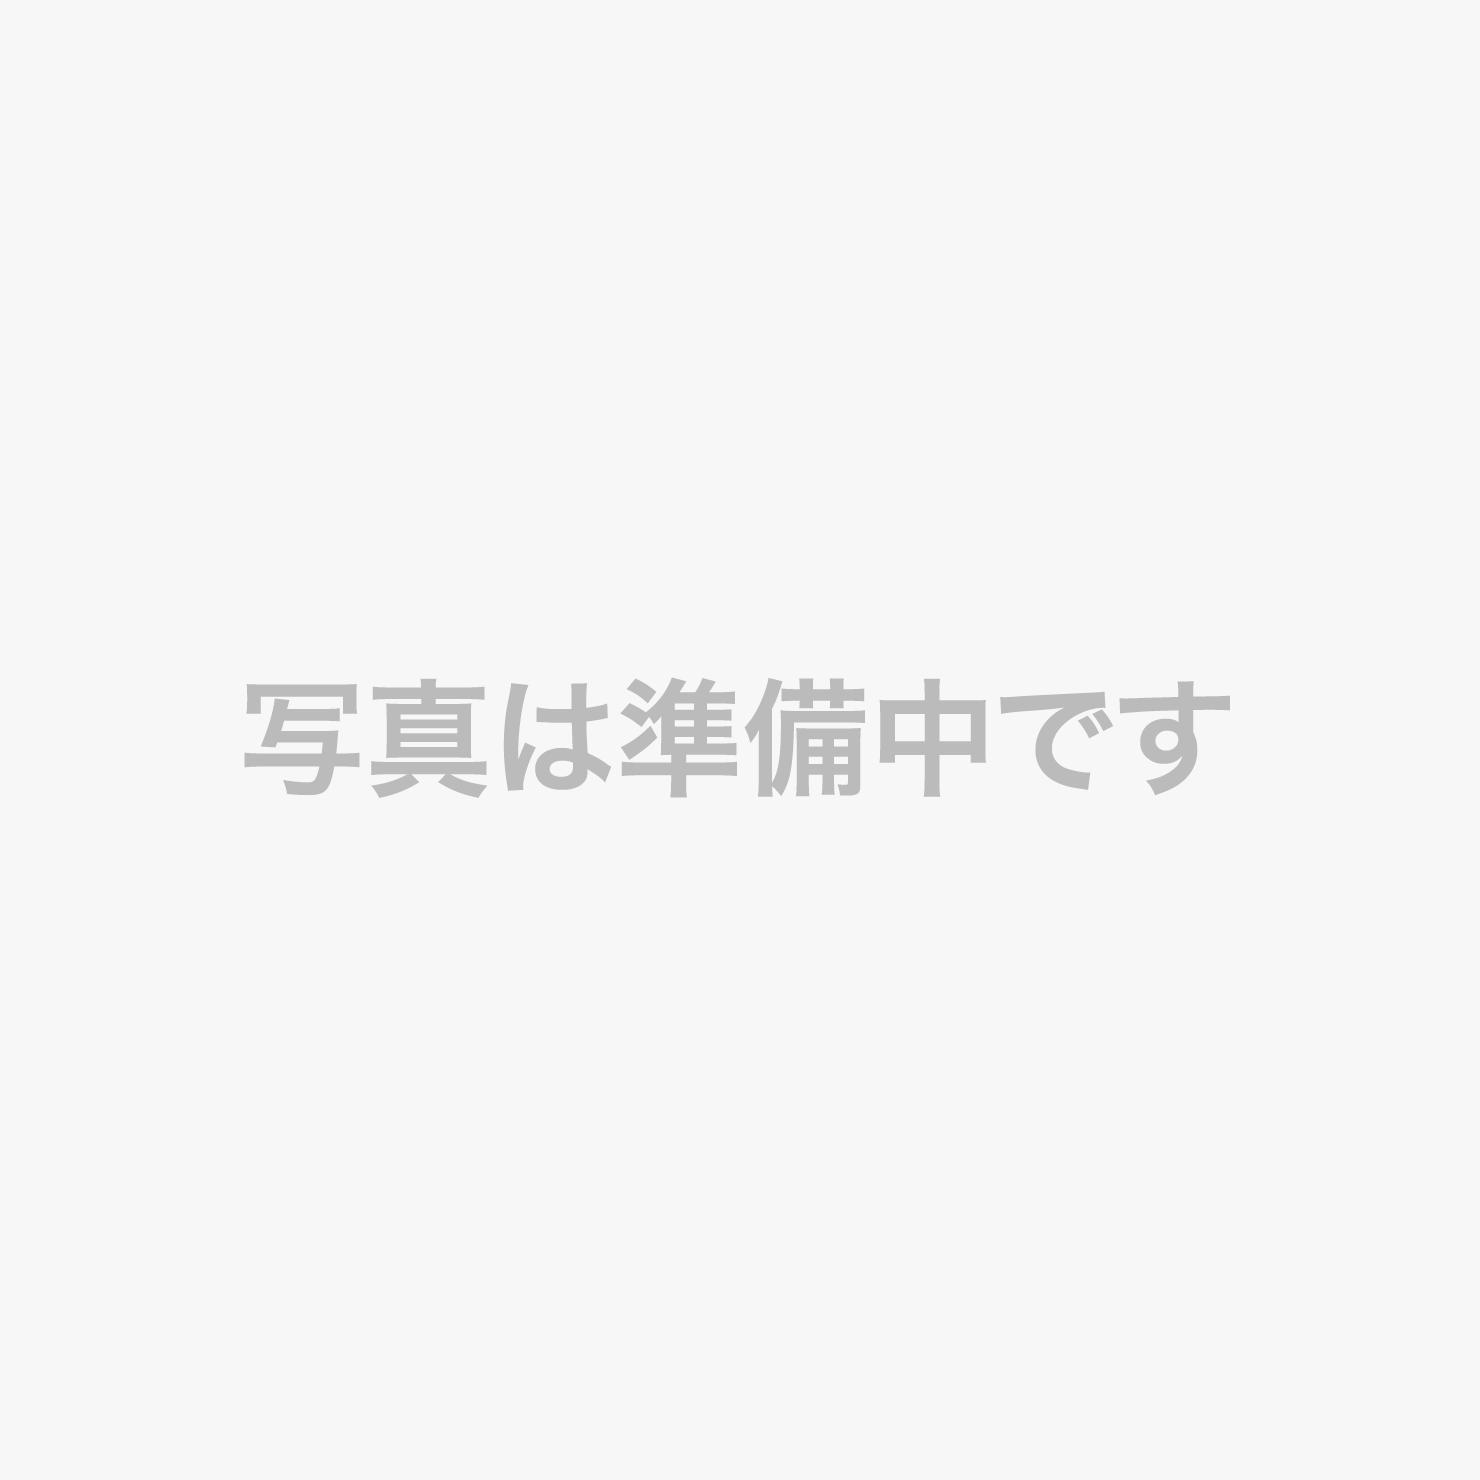 ■朝の彩り御膳1 (イメージ)■